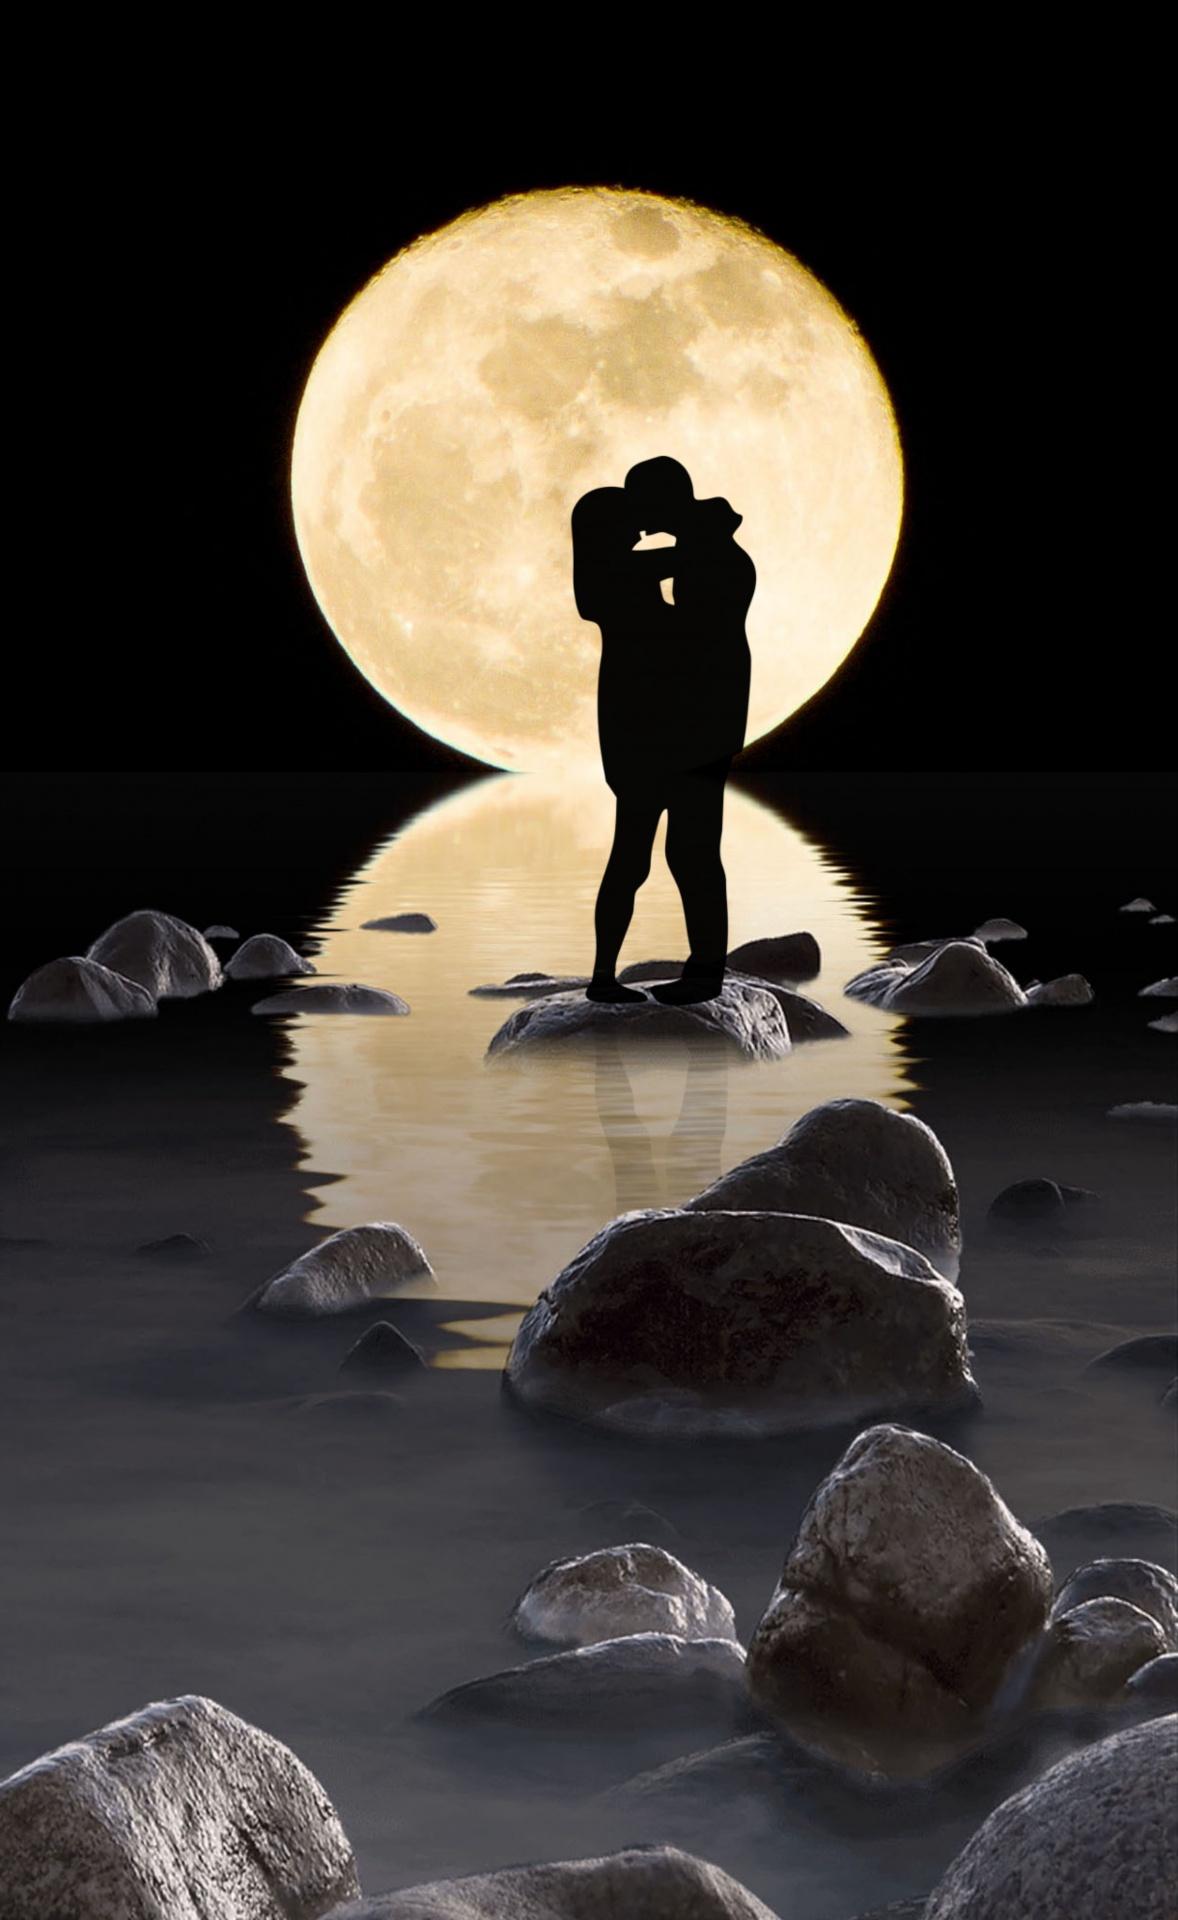 Hình ảnh lãng mạn dưới ánh trăng